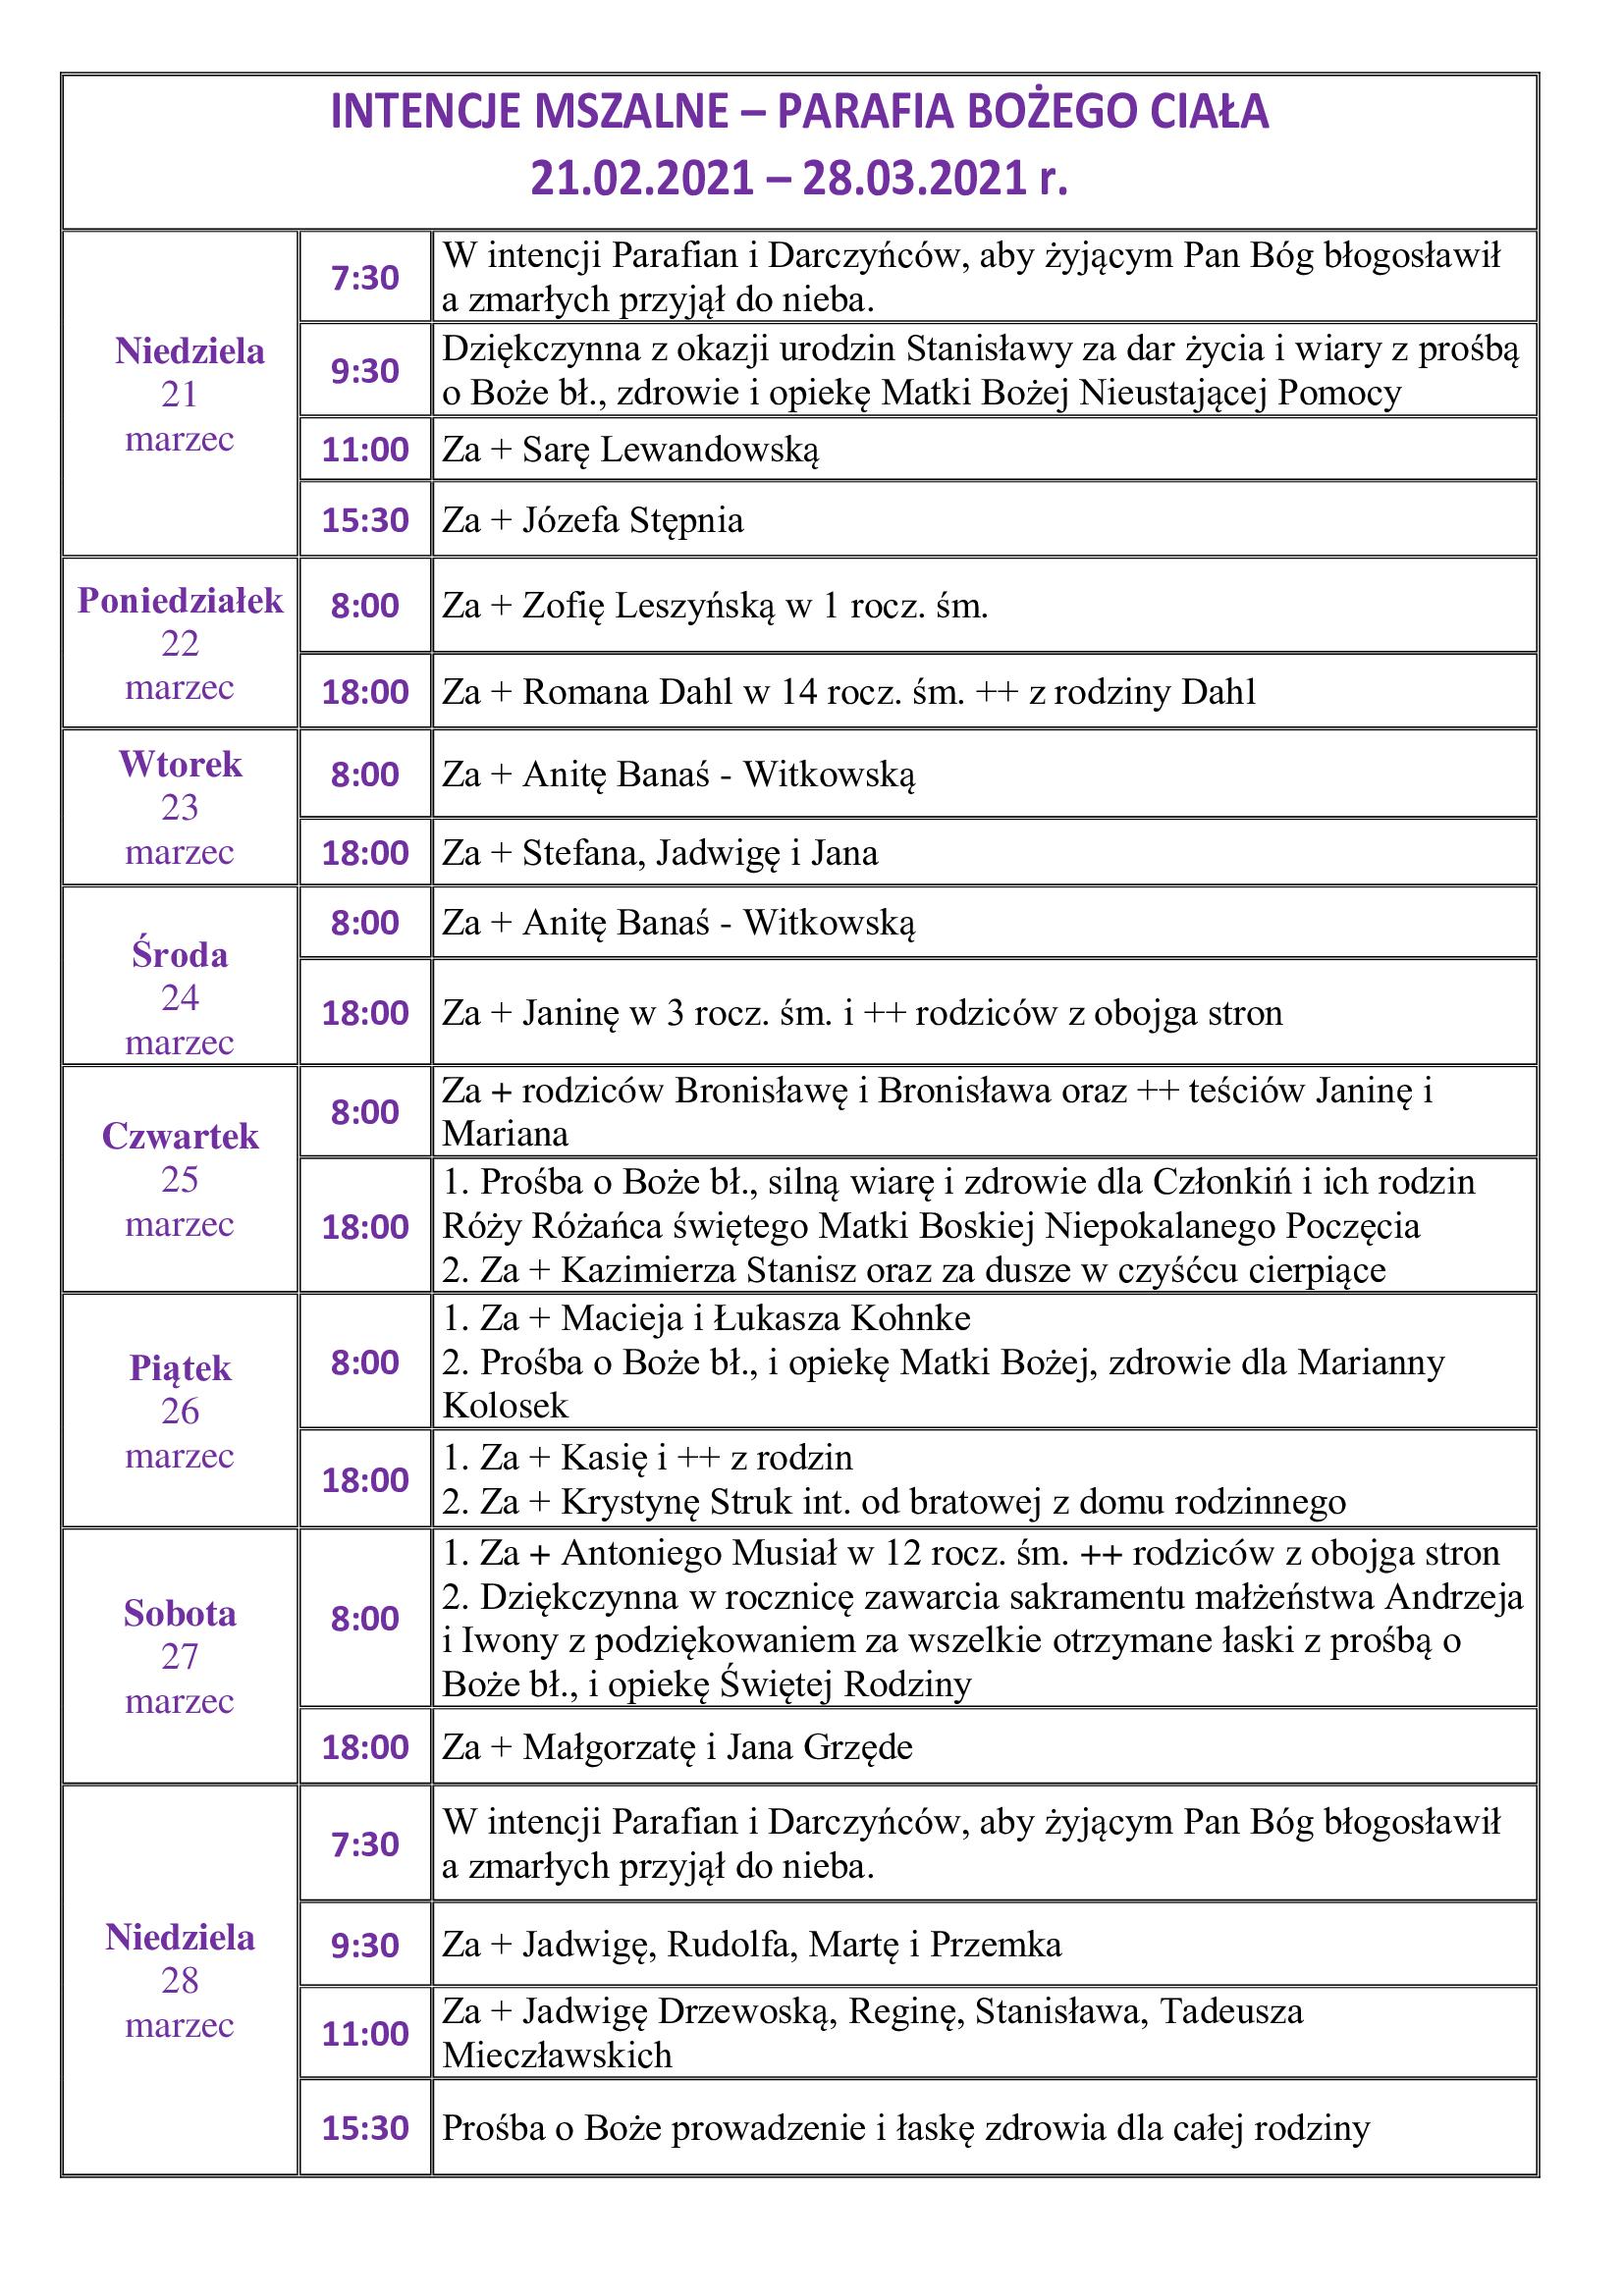 intencje-mszalne-21-02-2021-28-03-2021-r